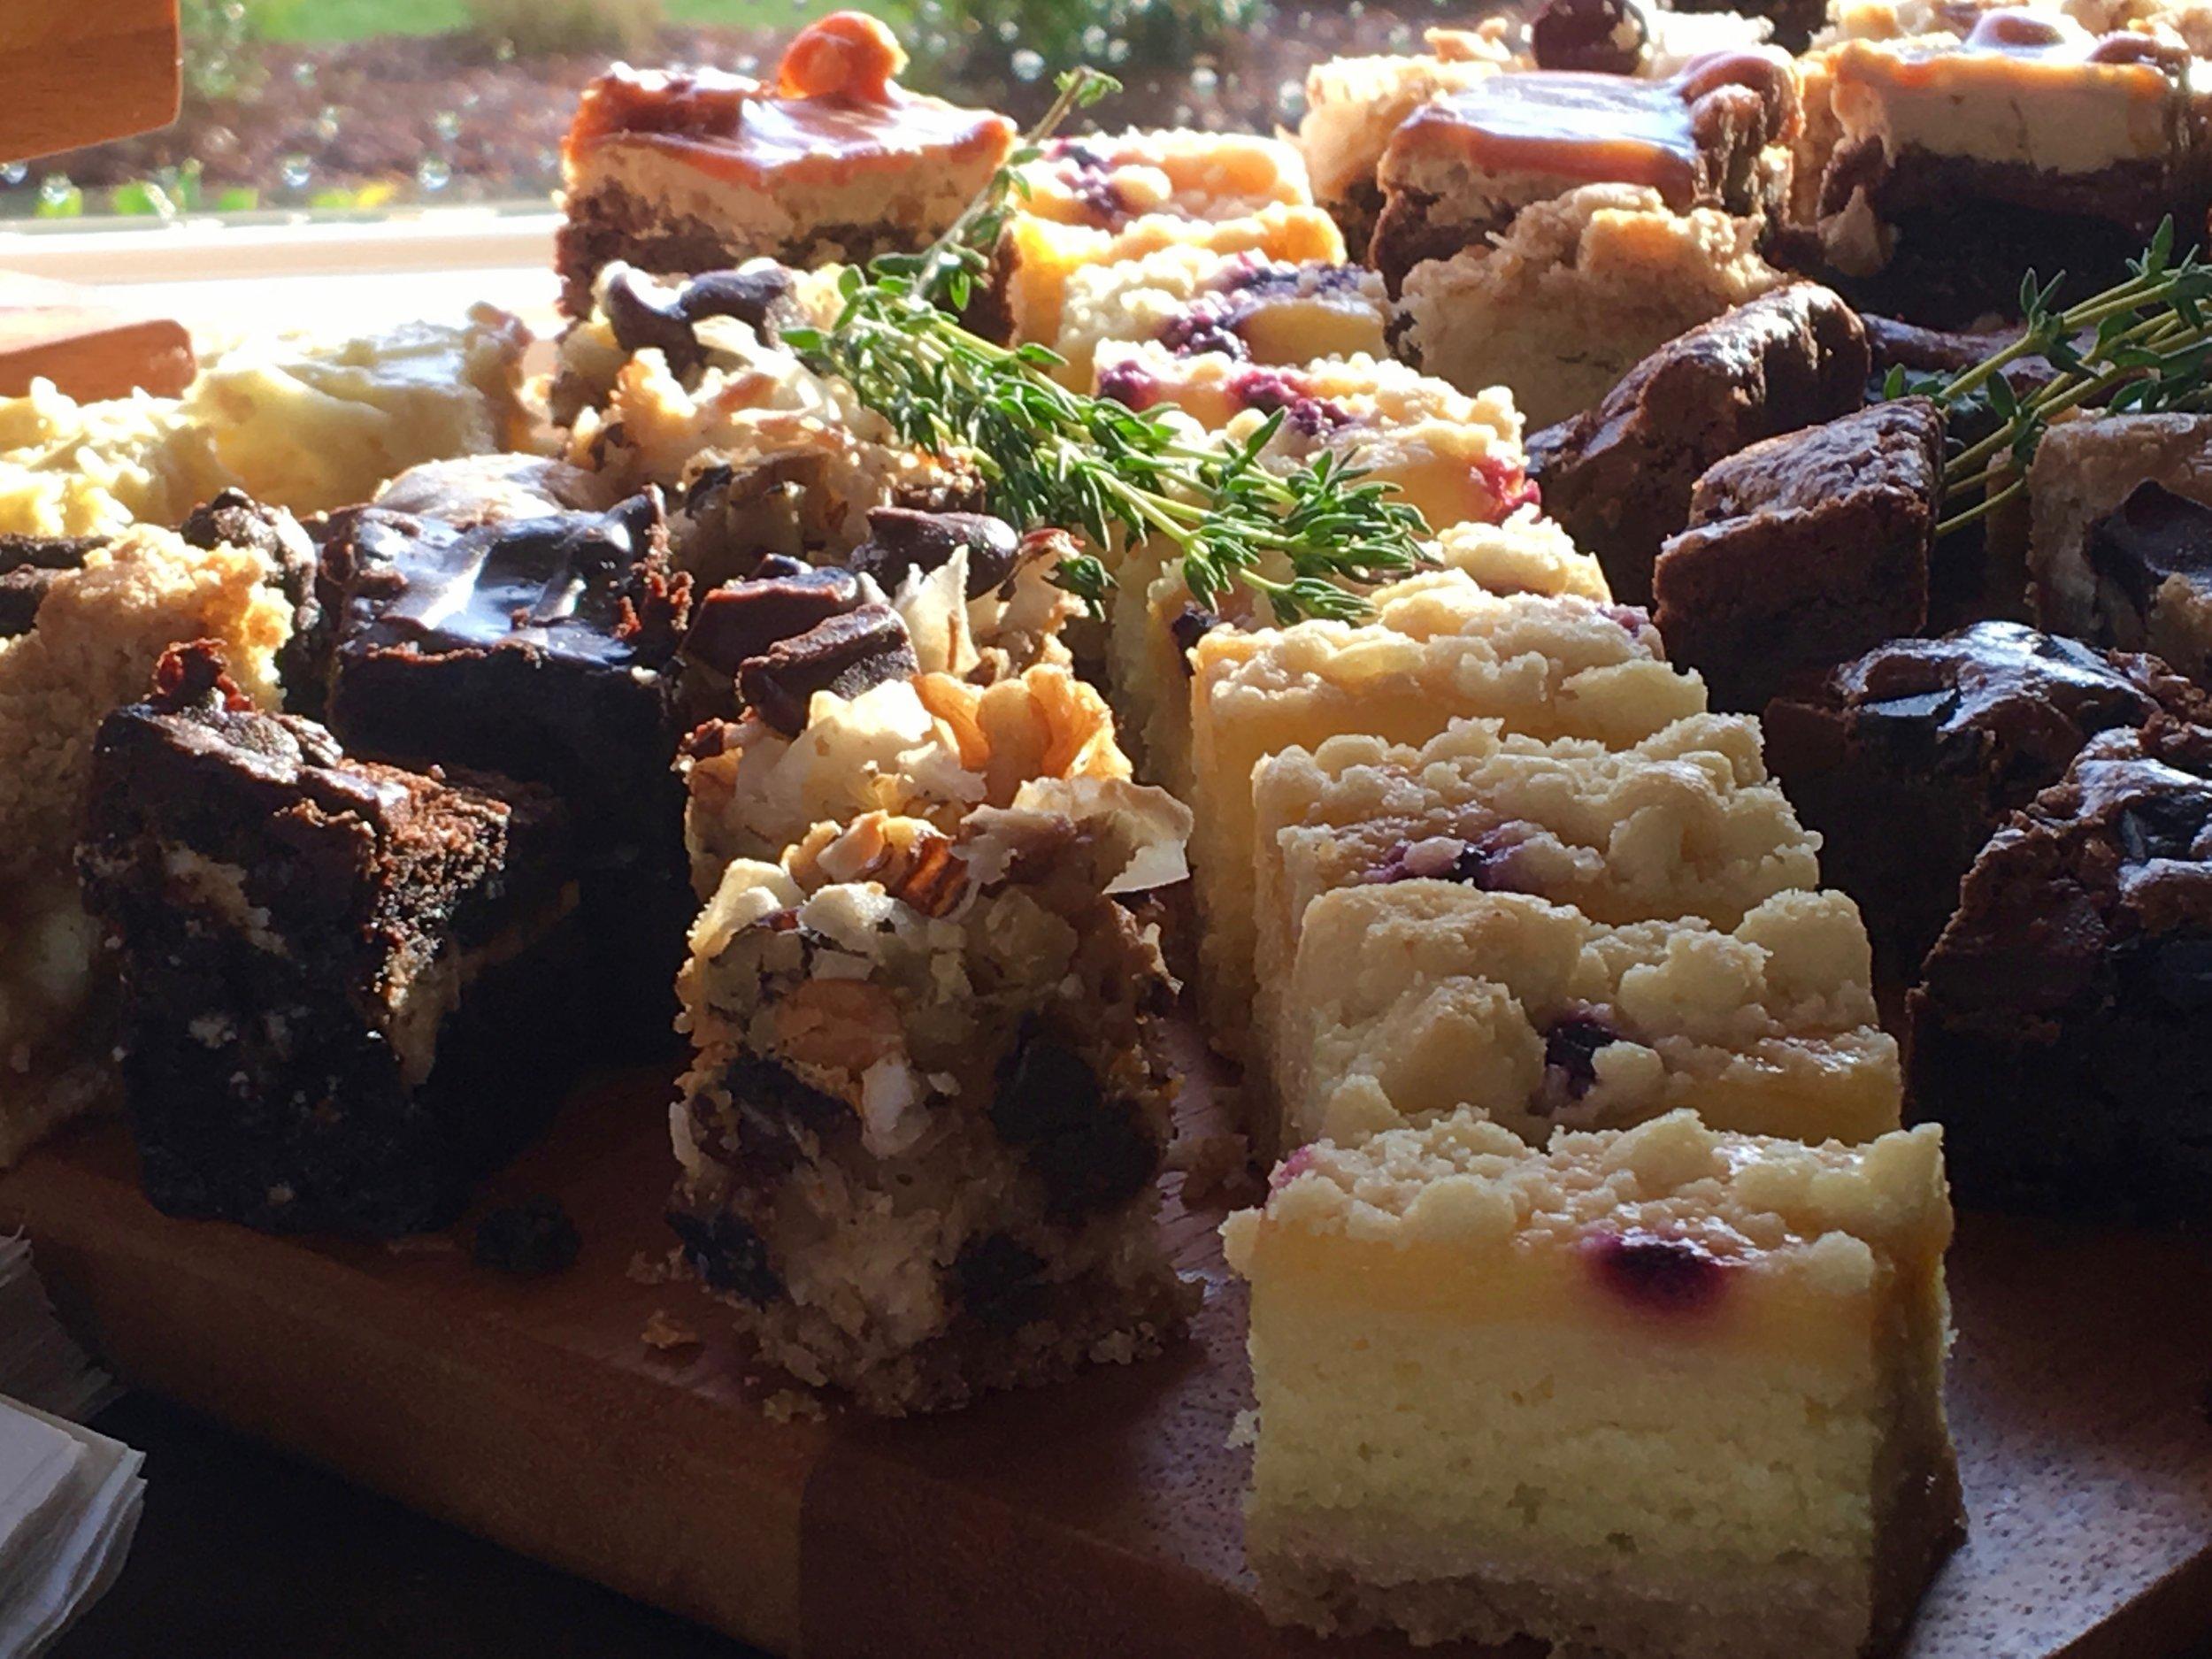 DessertCorporateFranklinNashvilleCatering.jpg